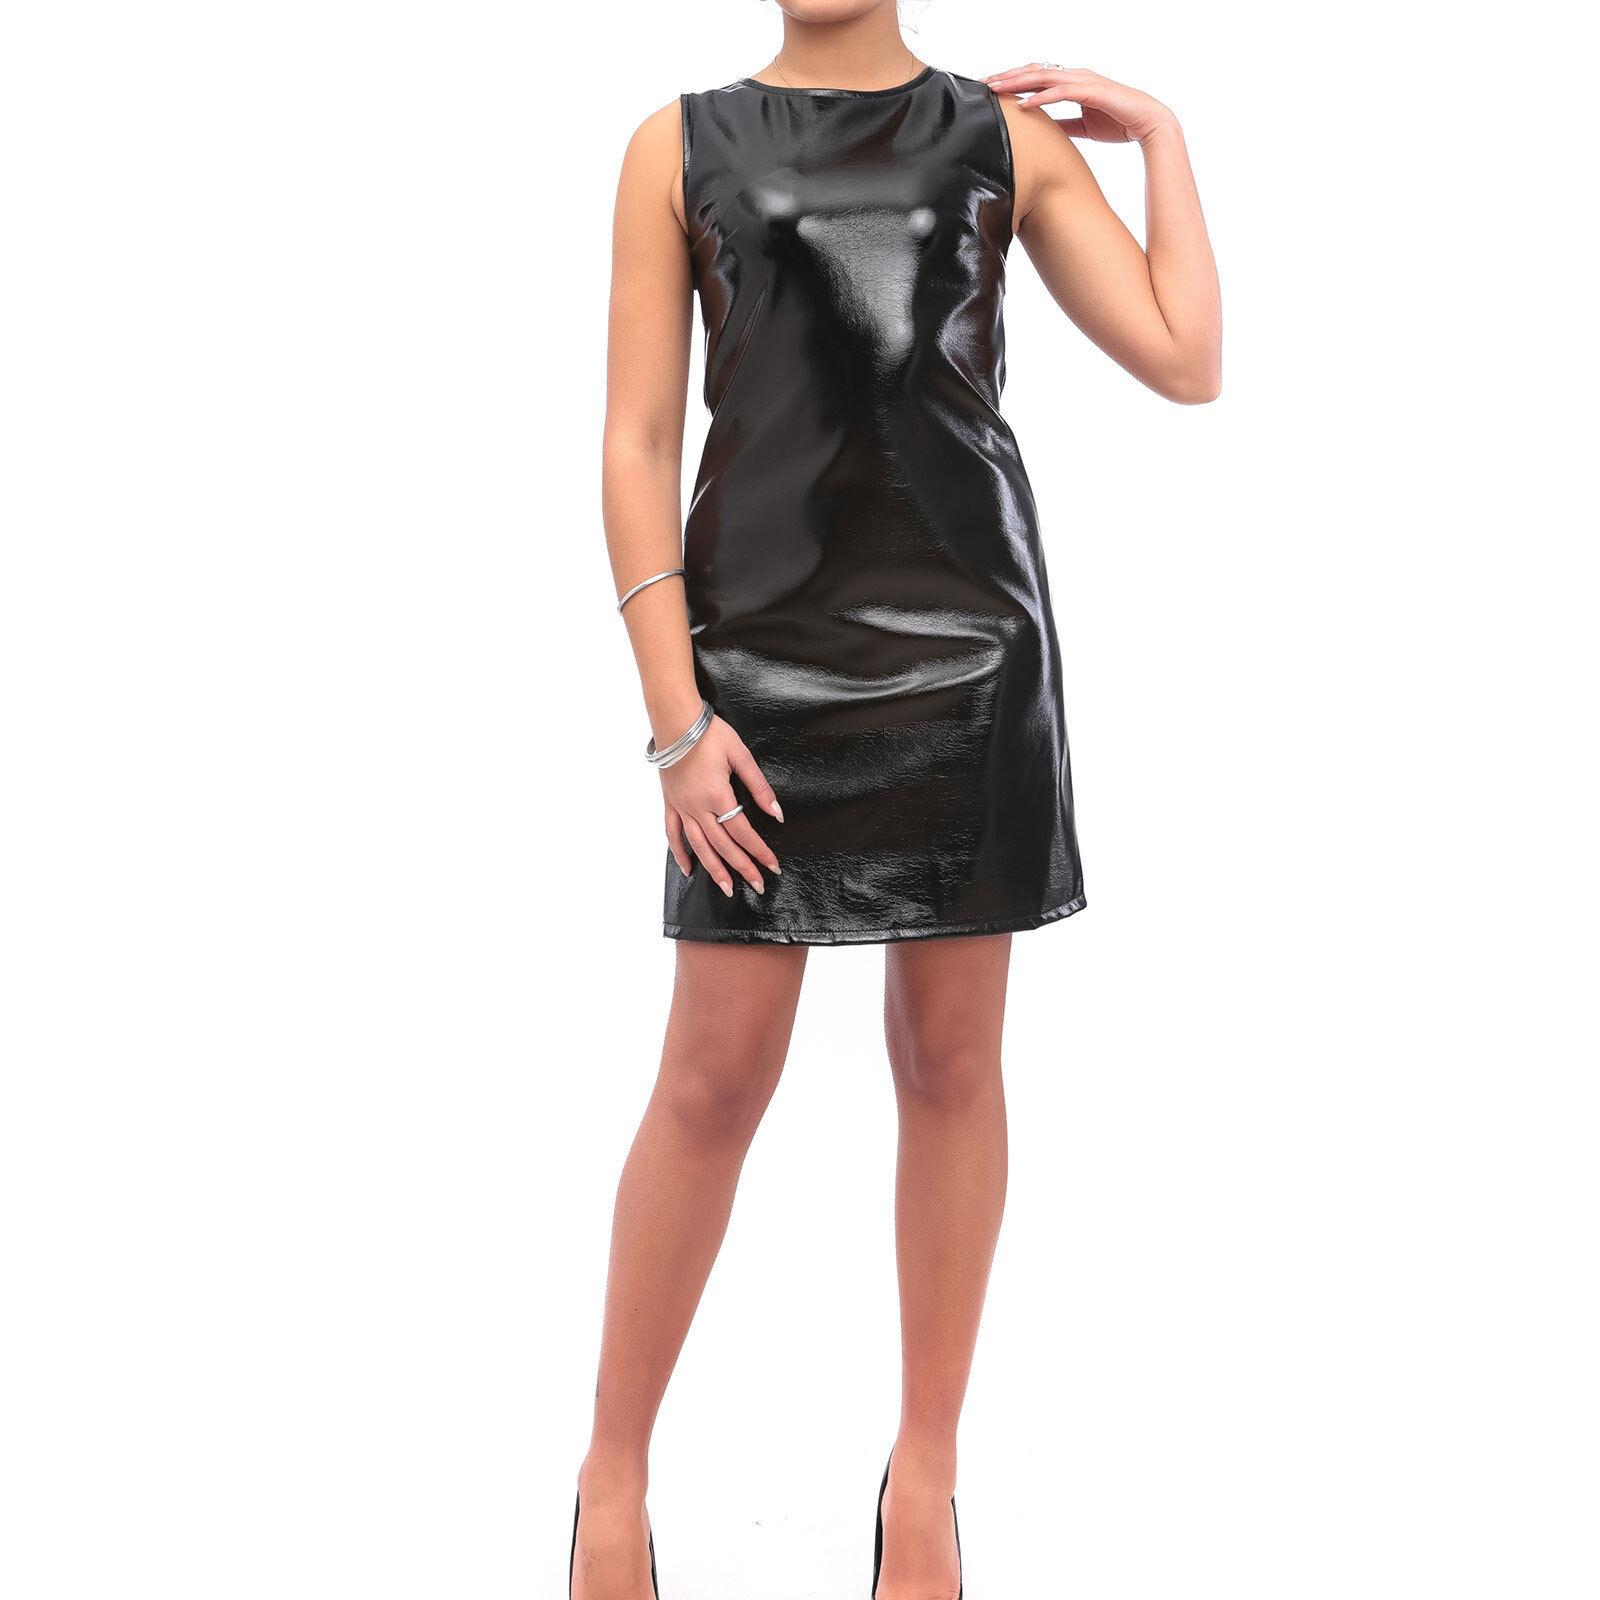 Vestito Donna Abito Corto Vinile Eco Pelle Lucida Latex Aderente ... 42d9c035ca7